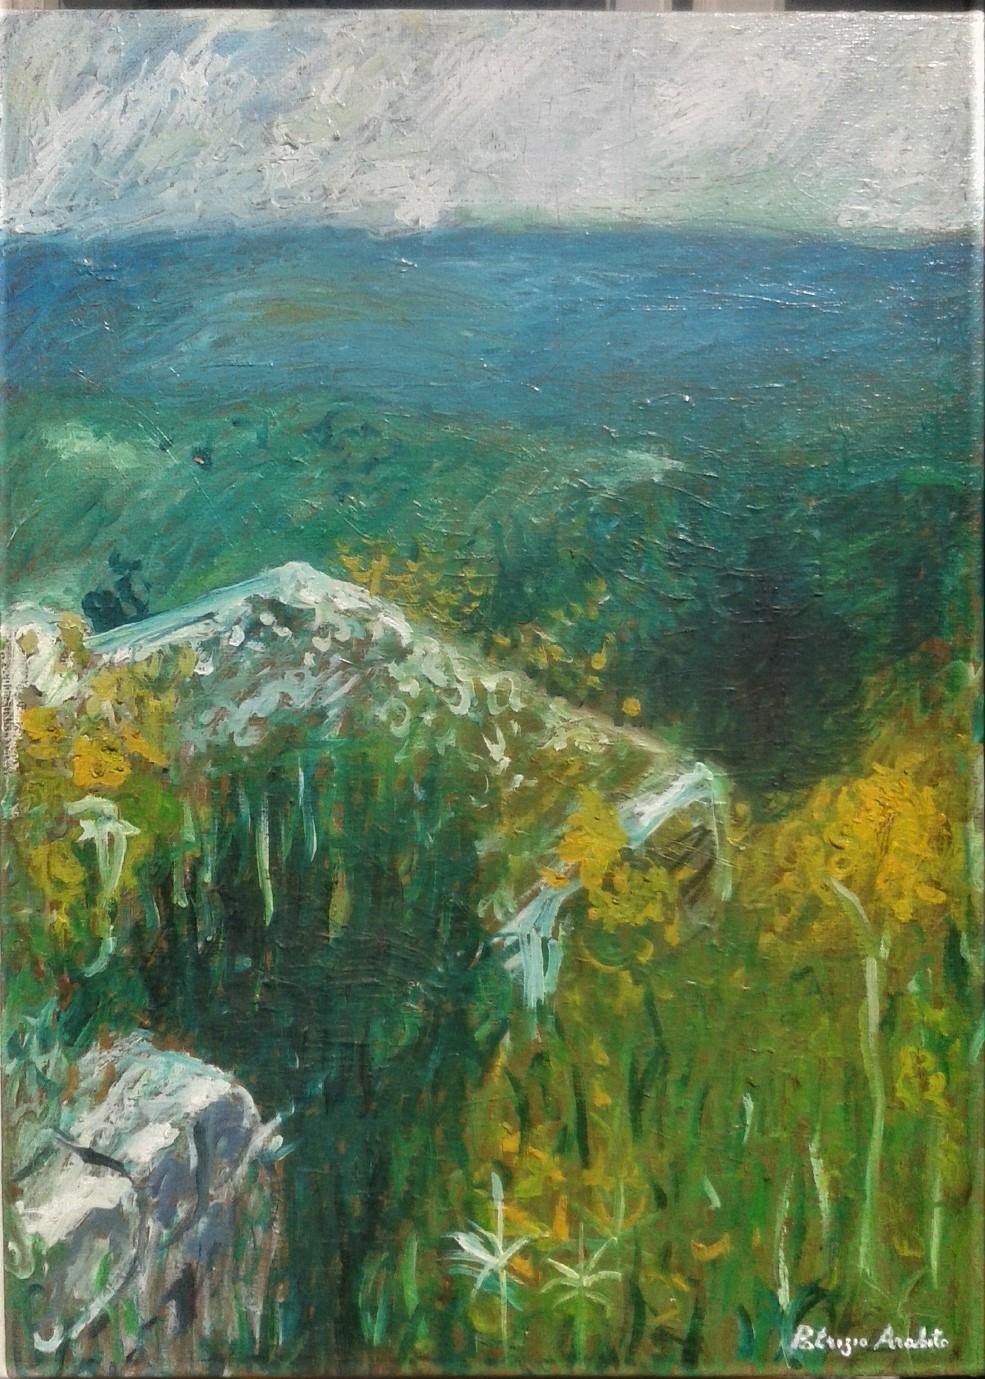 Paesaggio con rudere e fiori